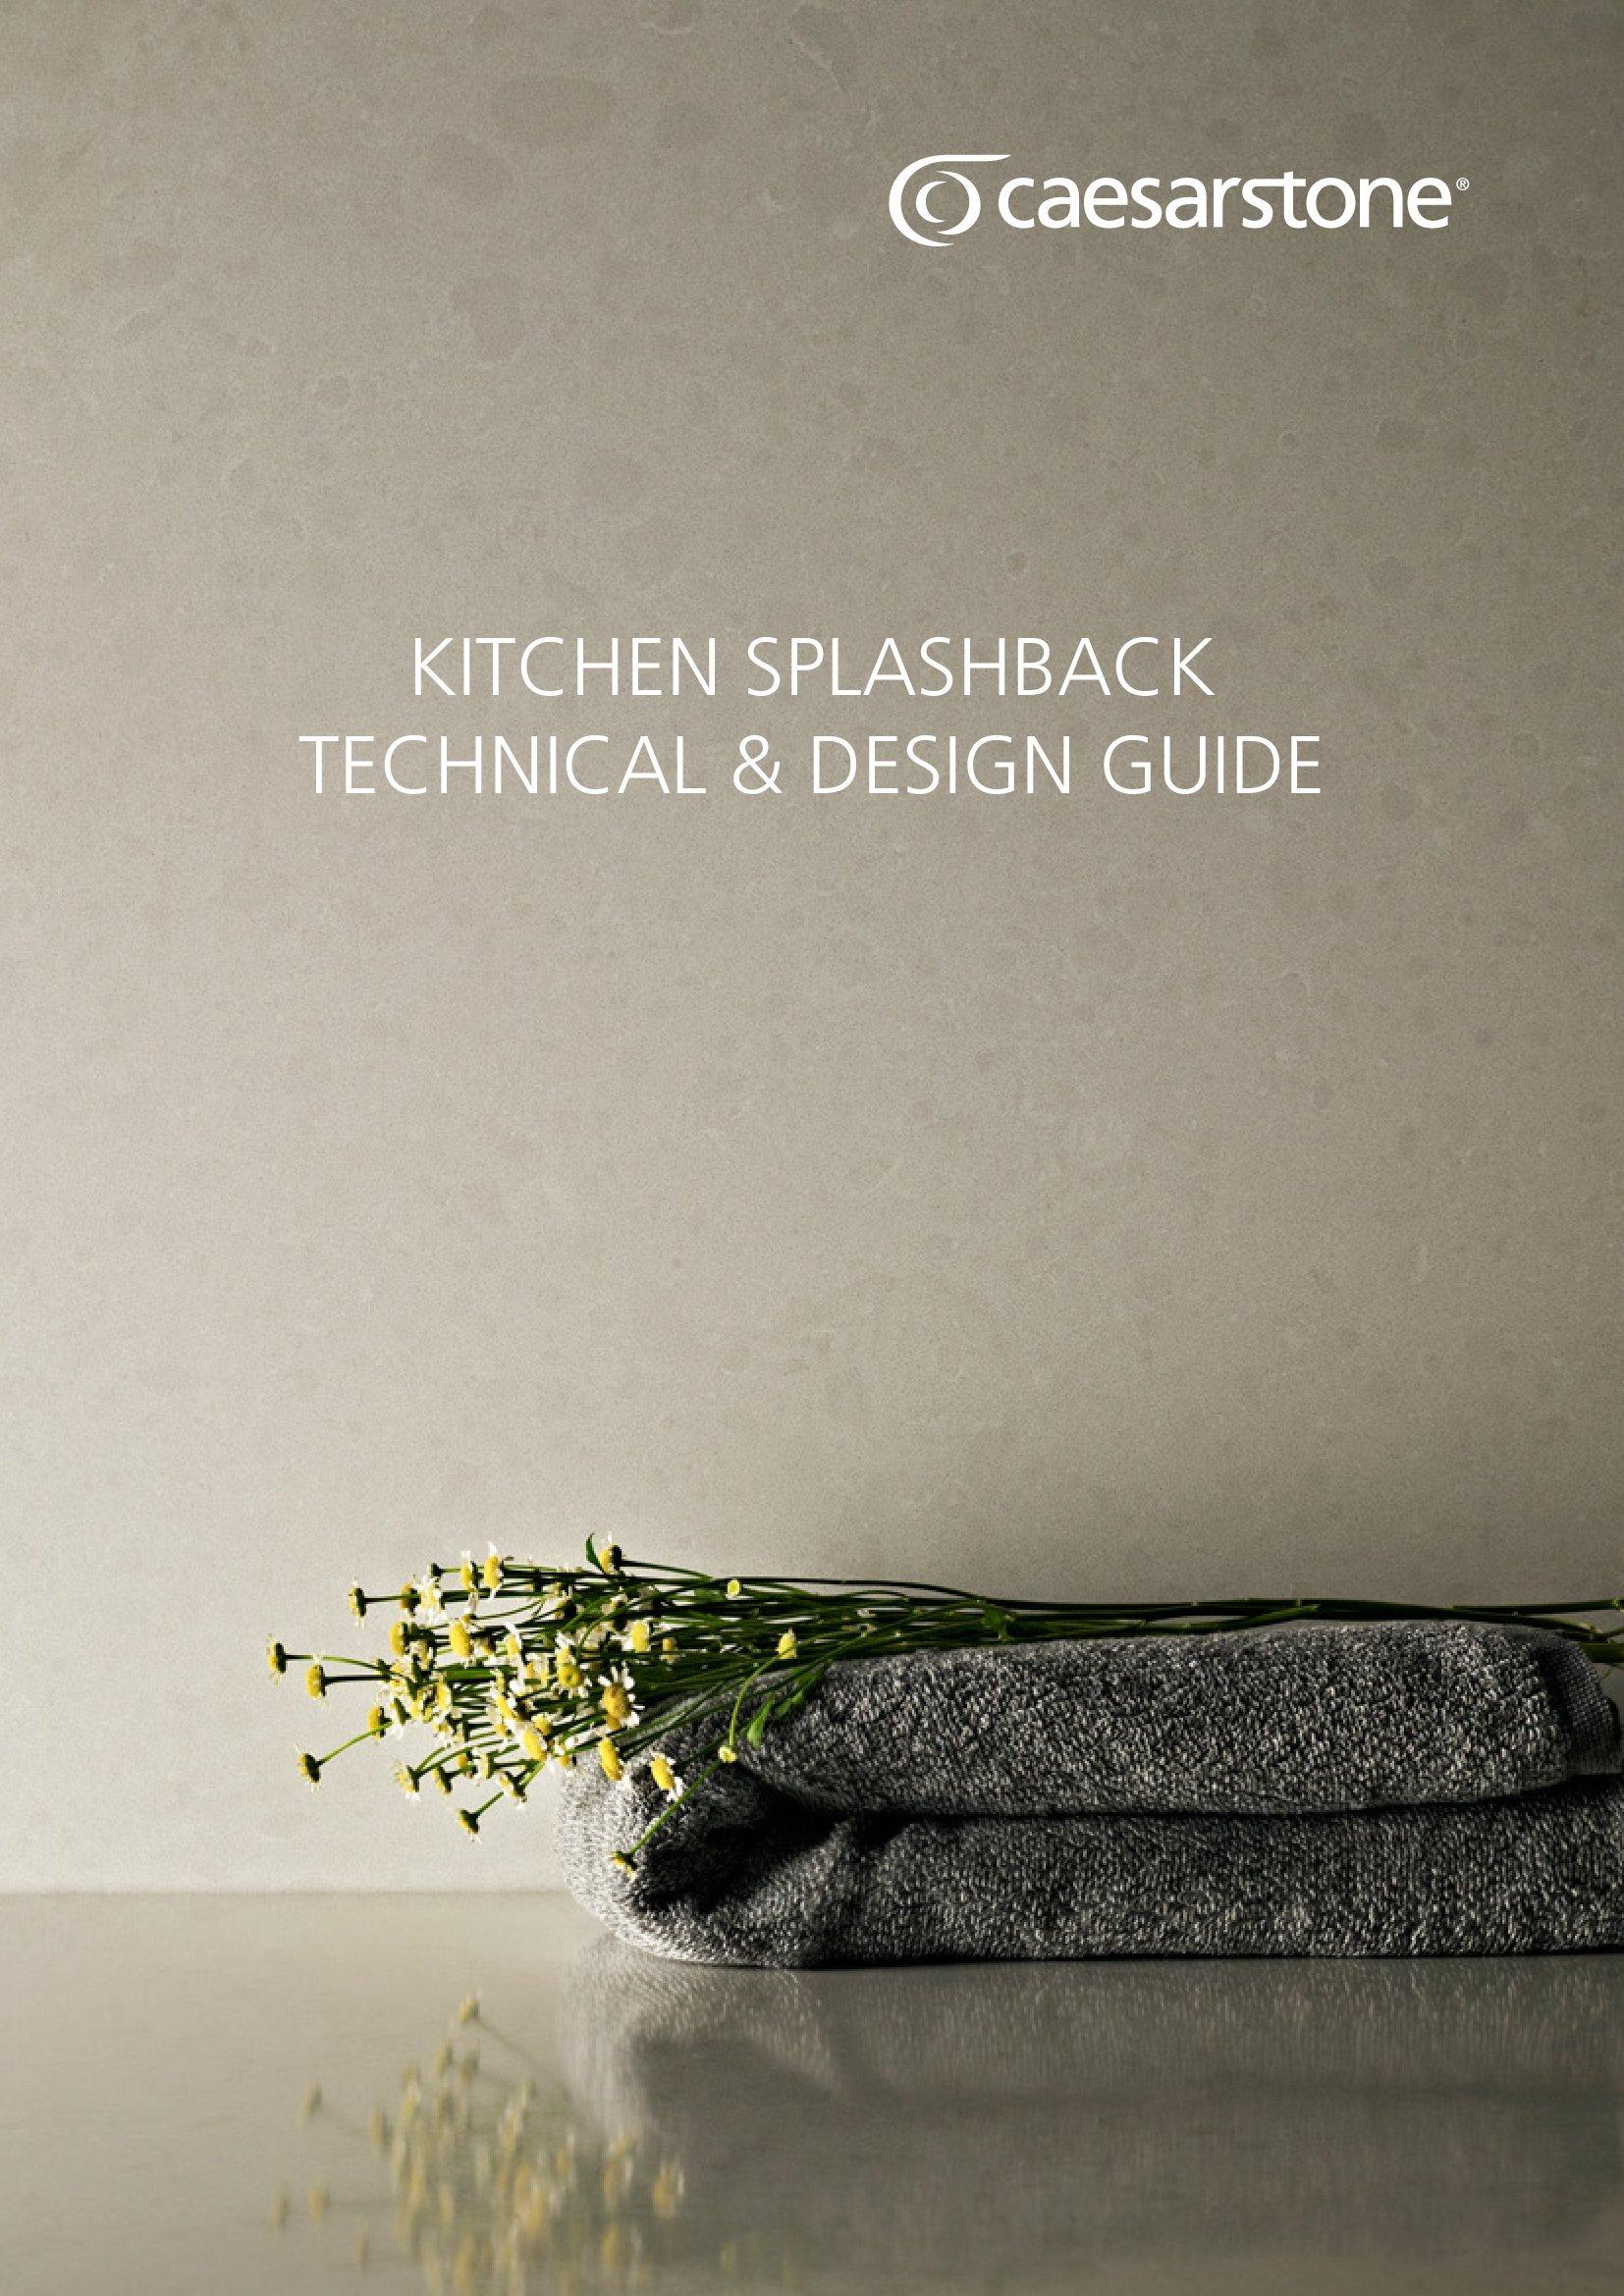 Caesarstone Kitchen Splashbacks Guide